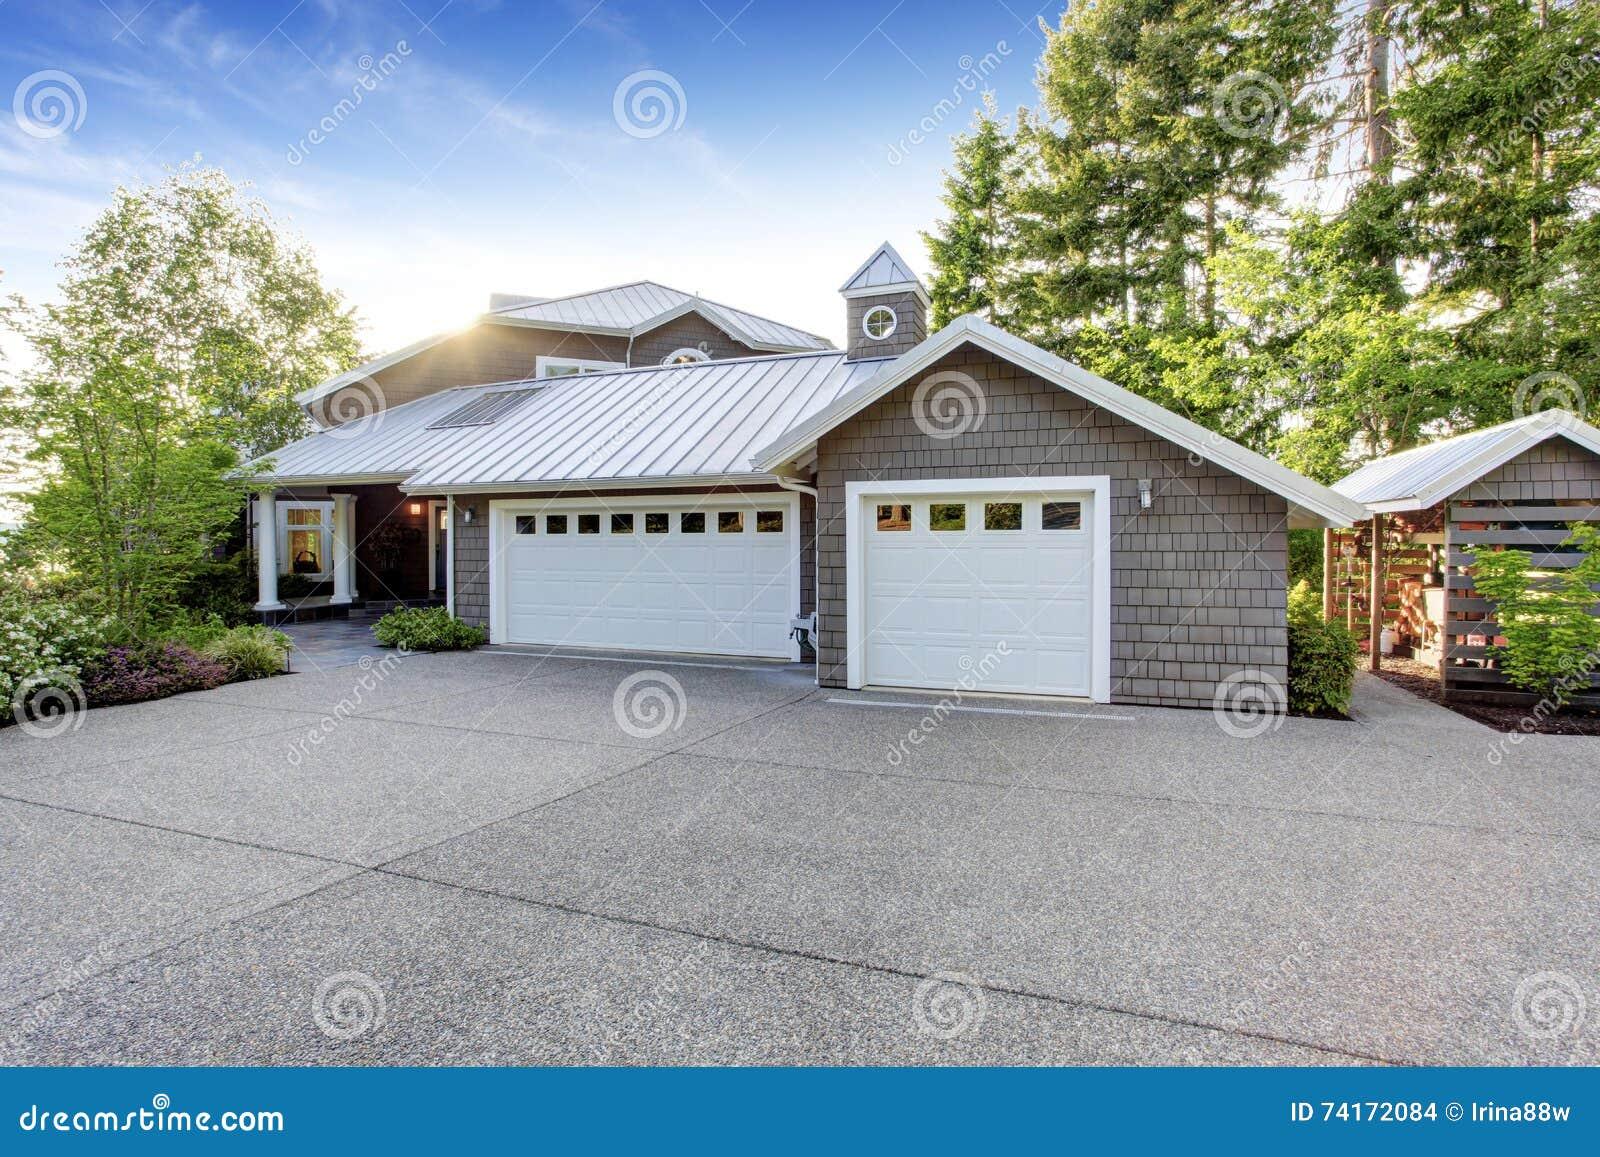 Modernes Haus Außen Mit Beschränkungsberufung Ansicht Der Garage Und ...